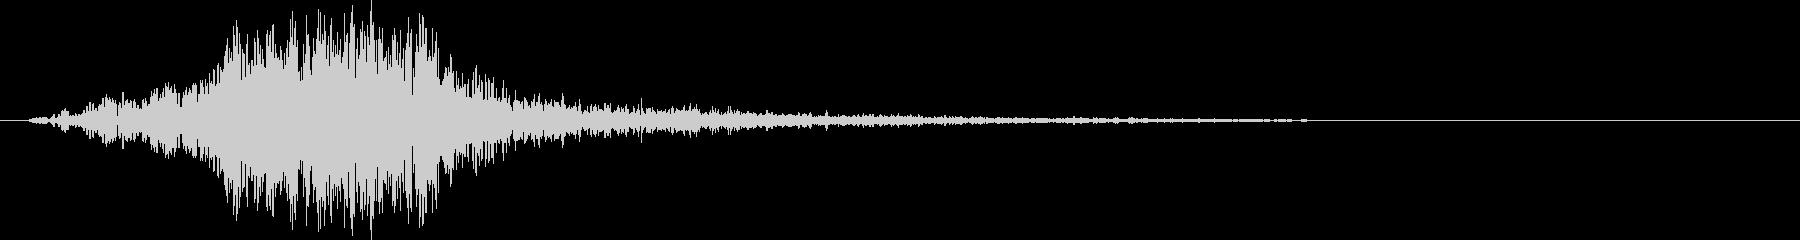 186_リバース2の未再生の波形